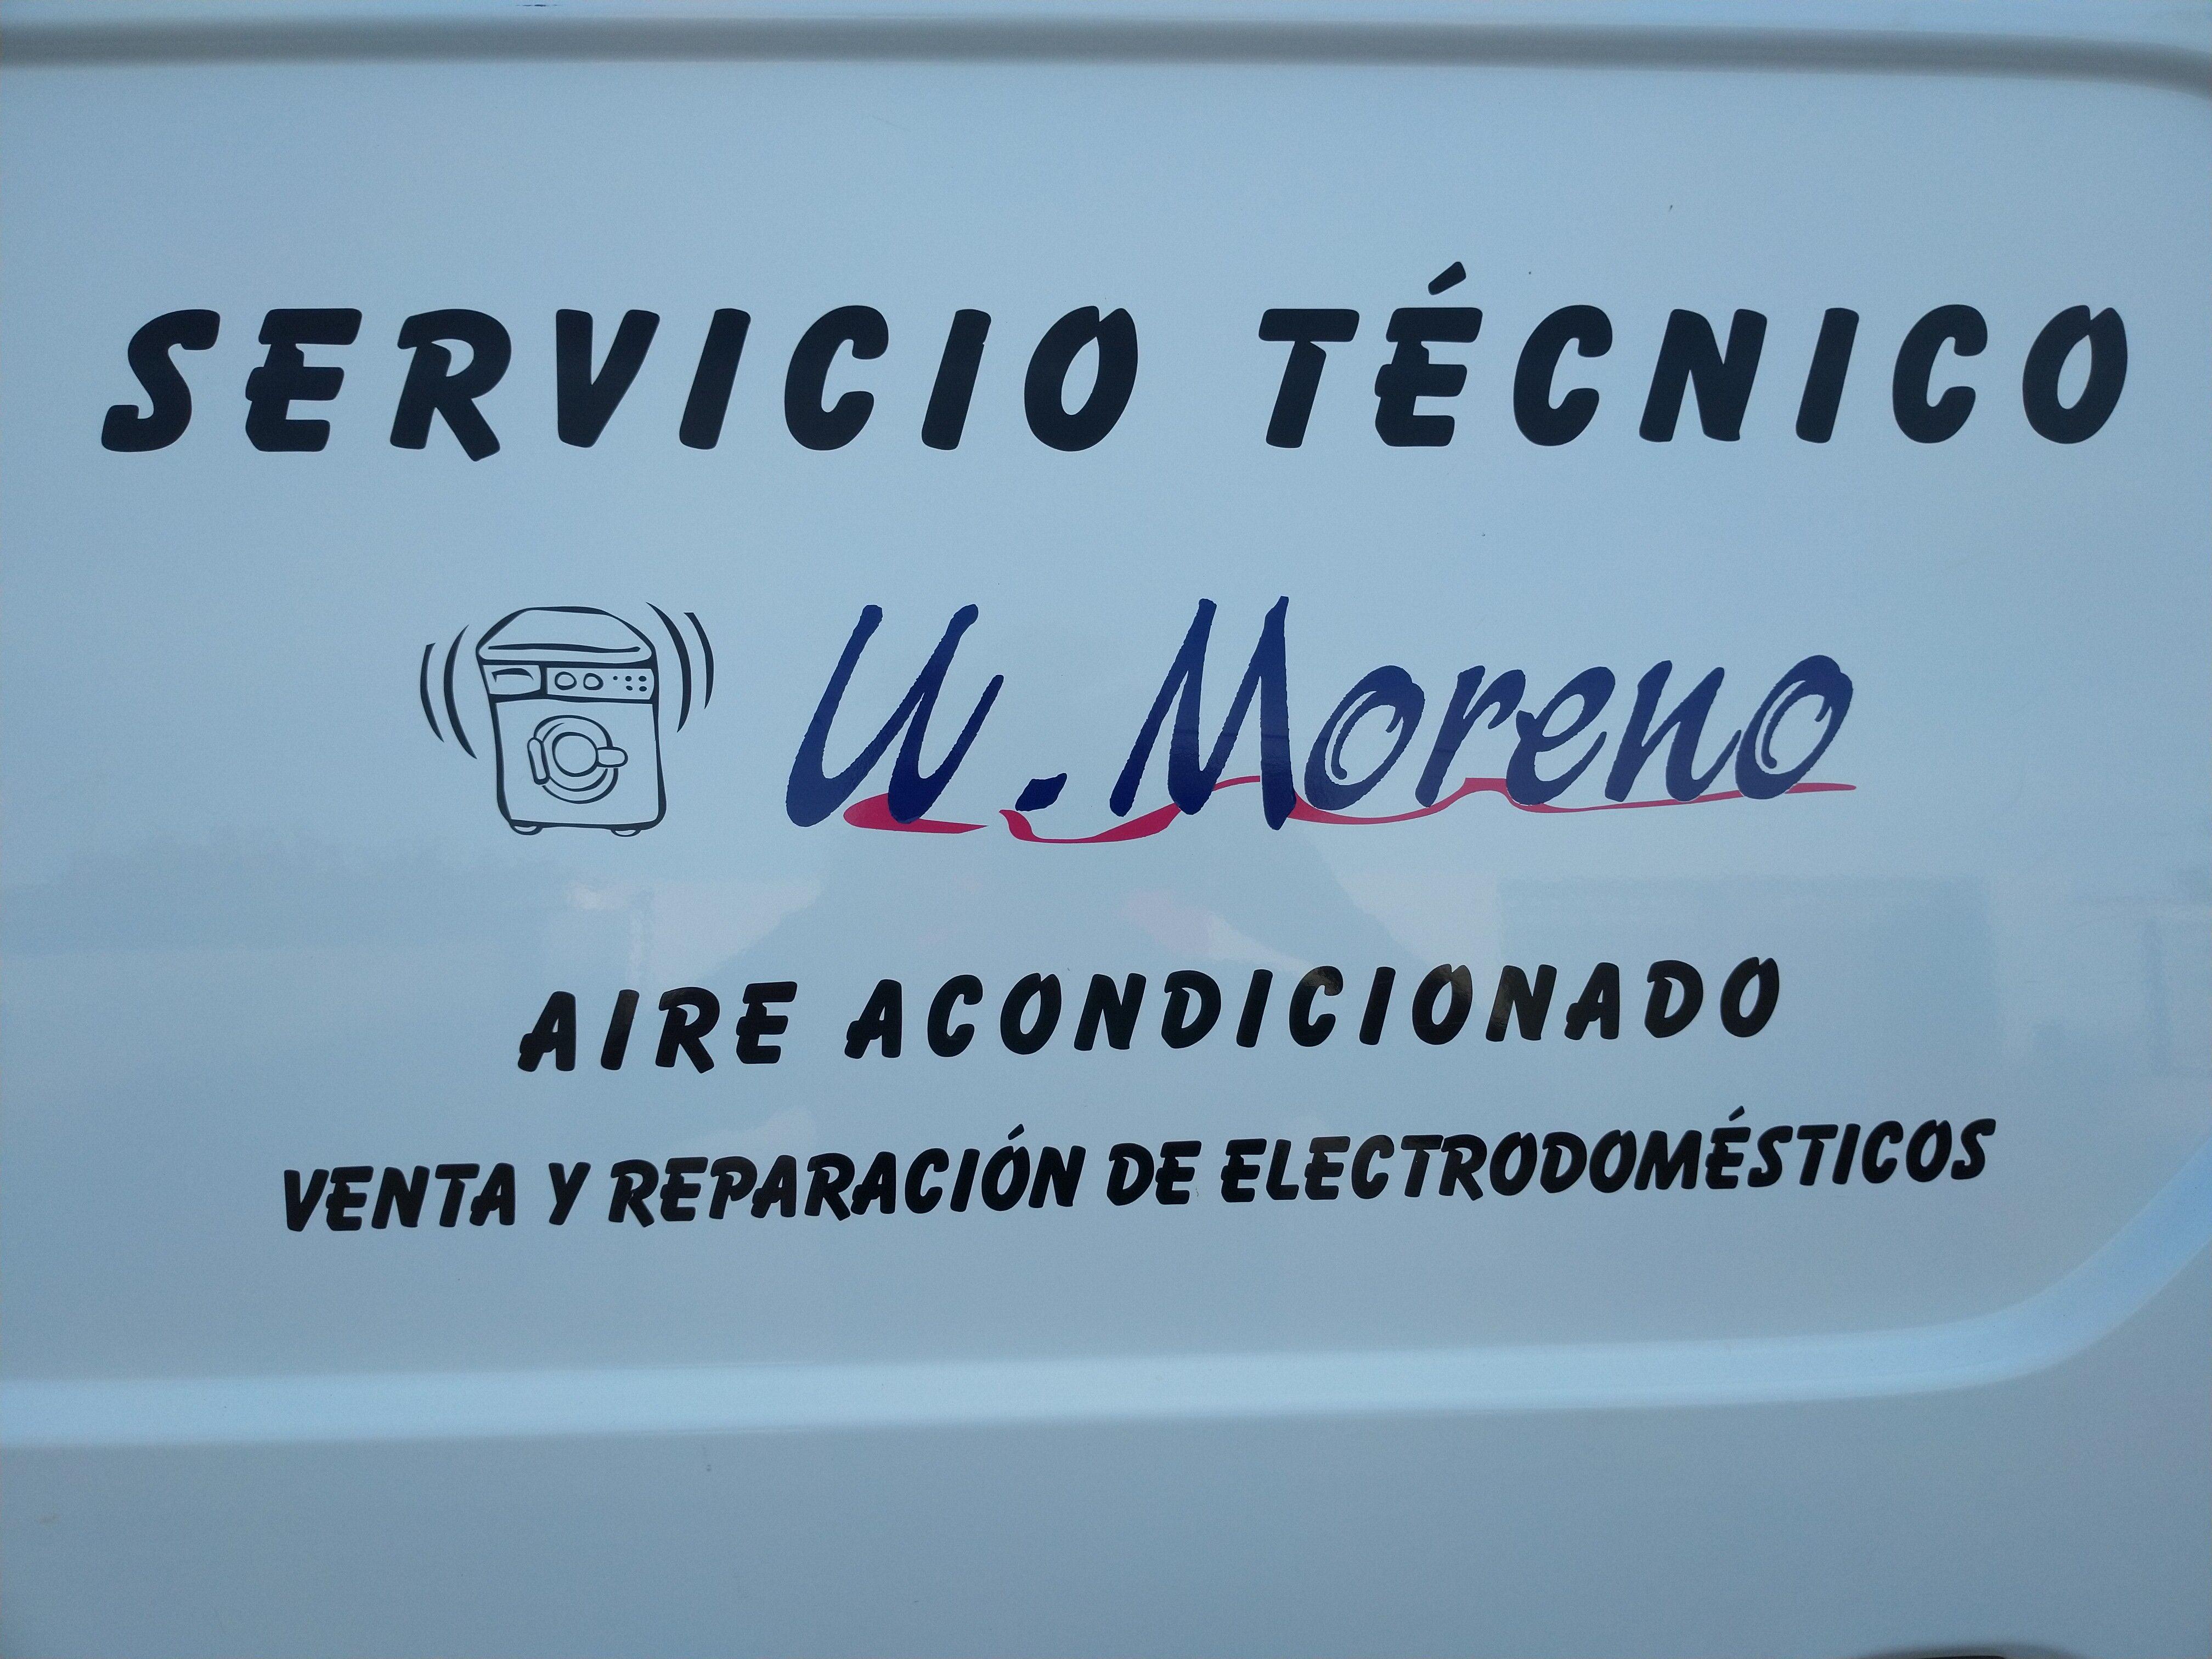 Reparaciones Ulpiano Moreno